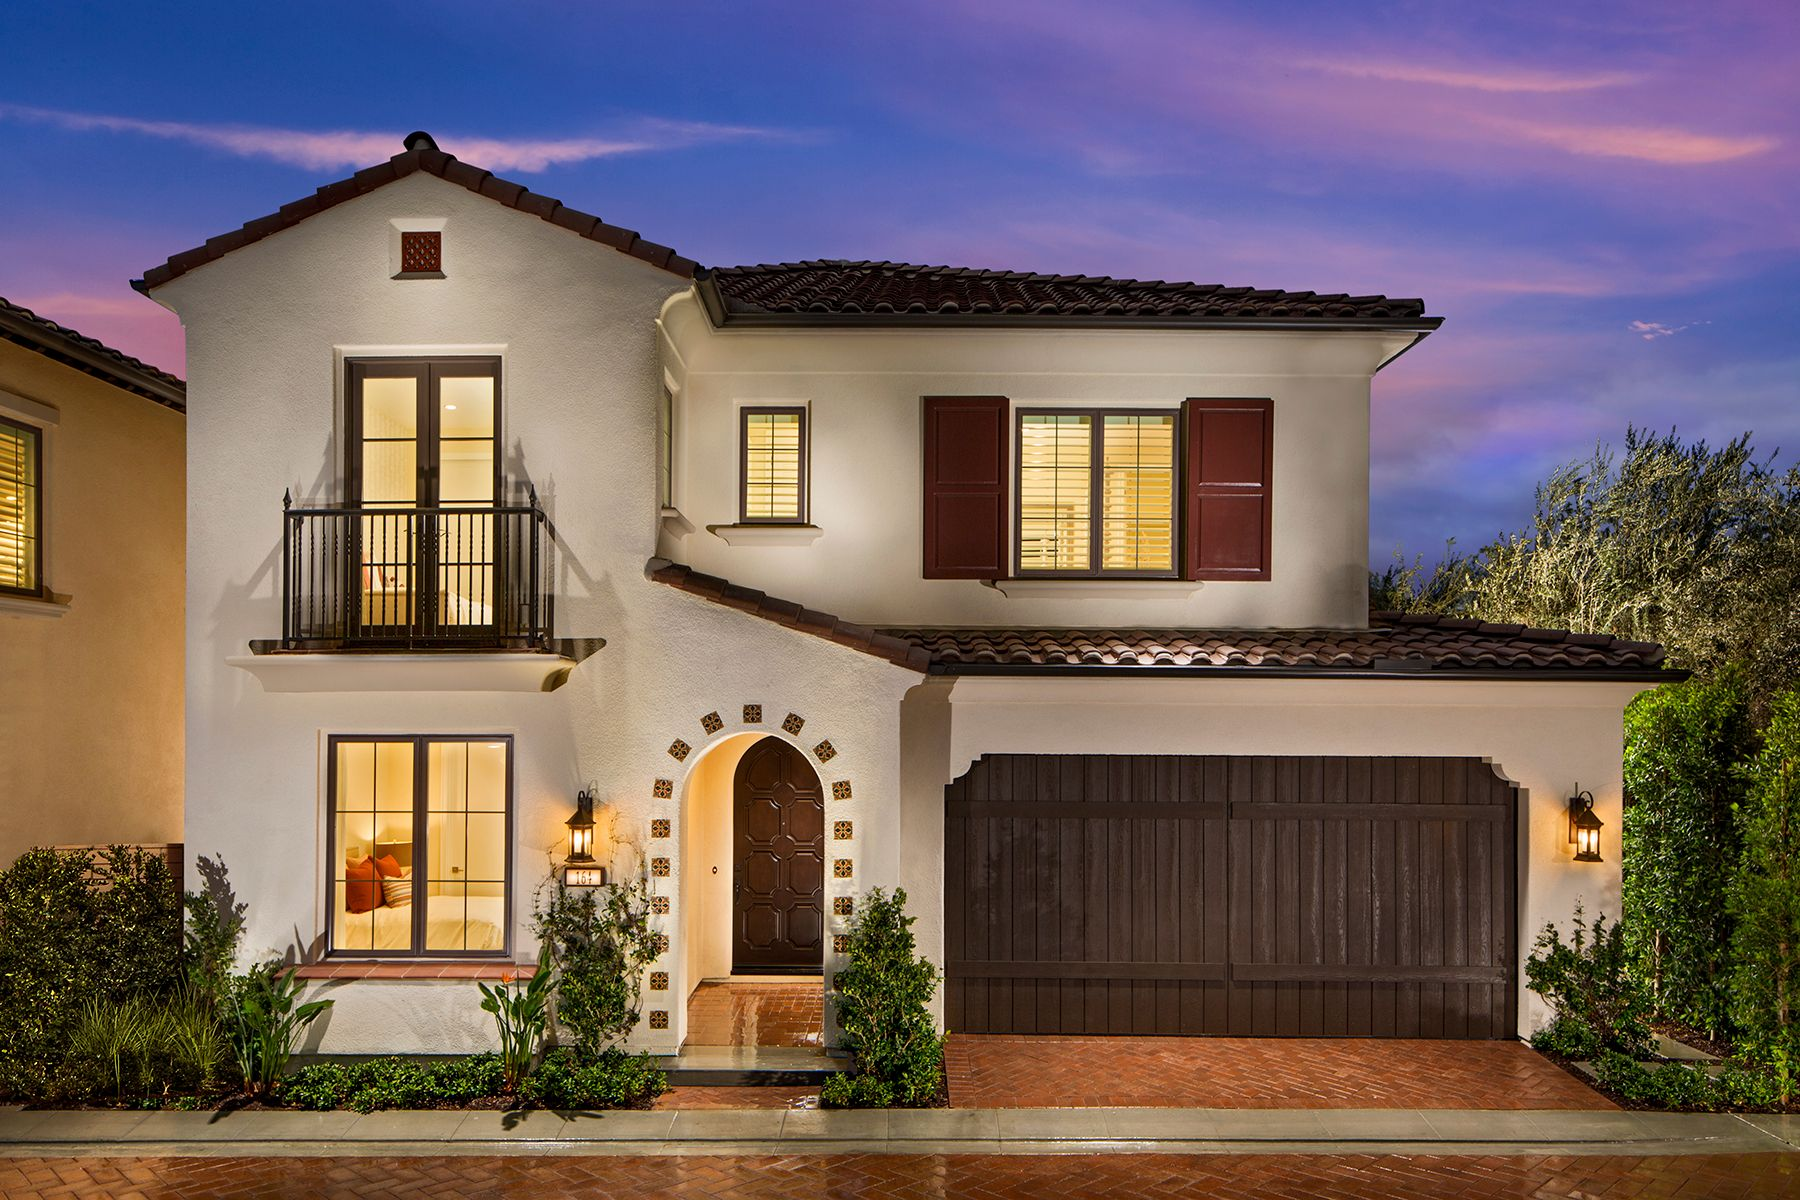 New Homes in Irvine, CA | 237 Communities | NewHomeSource